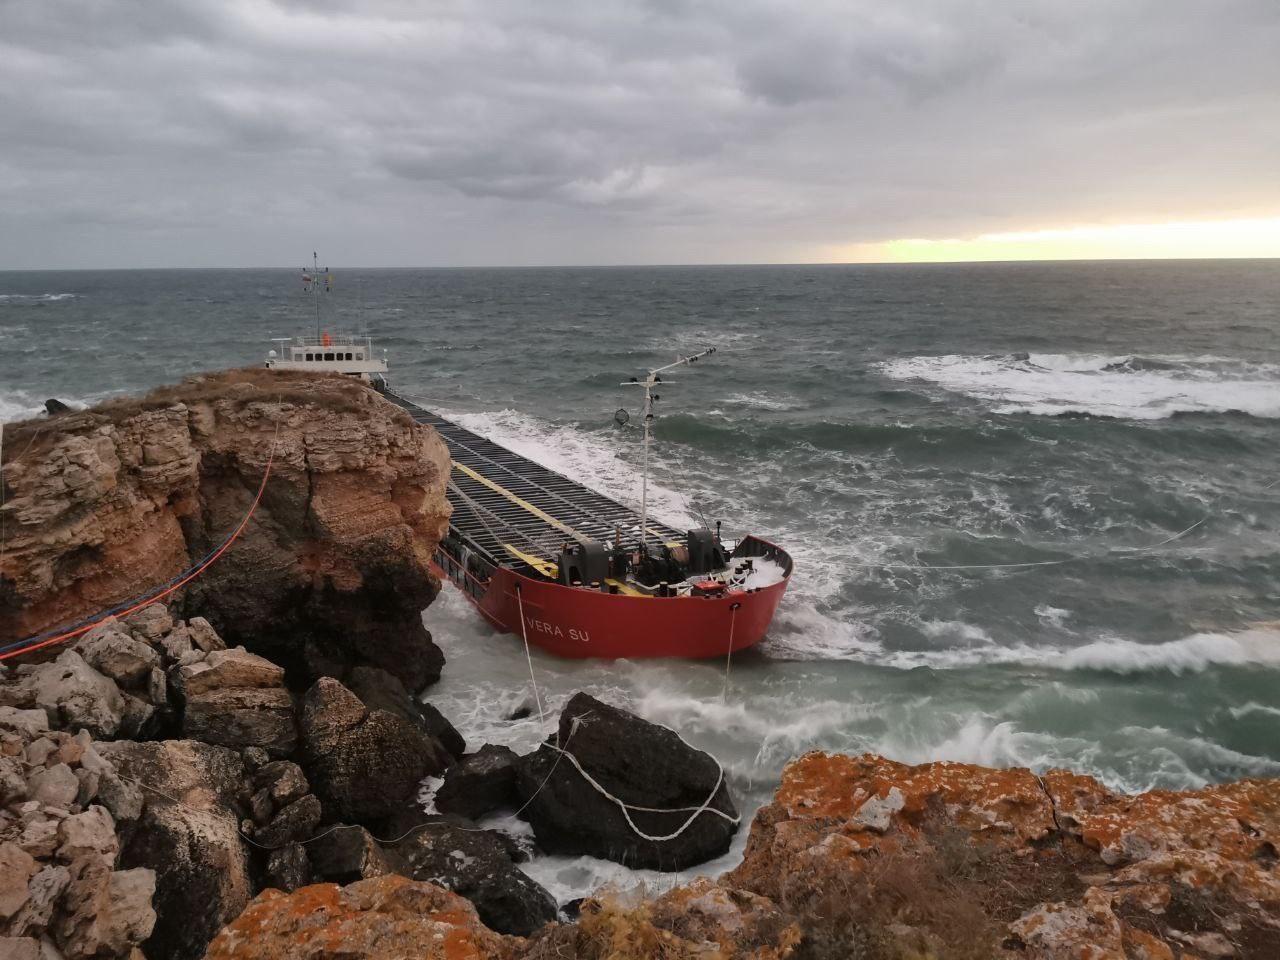 """Асен Личев: Предложих необходимото оборудване за действия при морски кризи да бъде финансирано от ОП """"Околна среда"""""""